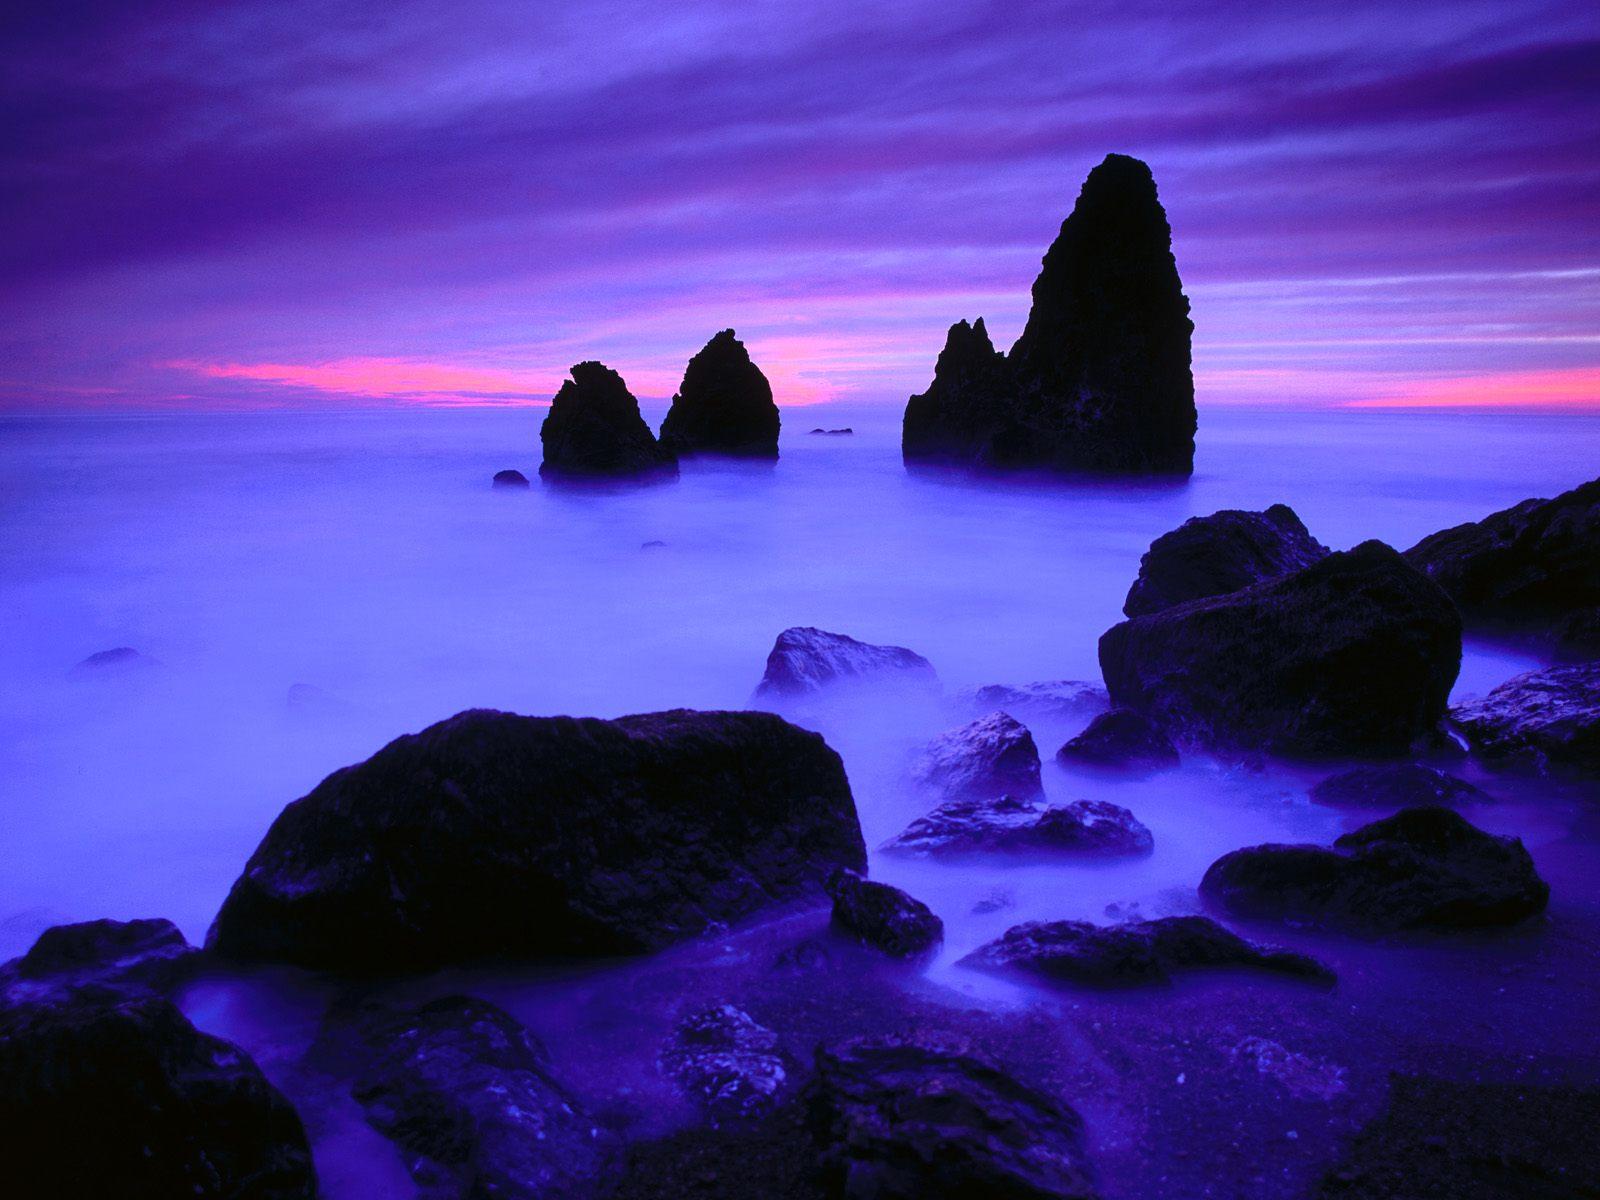 Rodeo Beach Marin County California 1600x120   Beaches Rivers Oceans 1600x1200